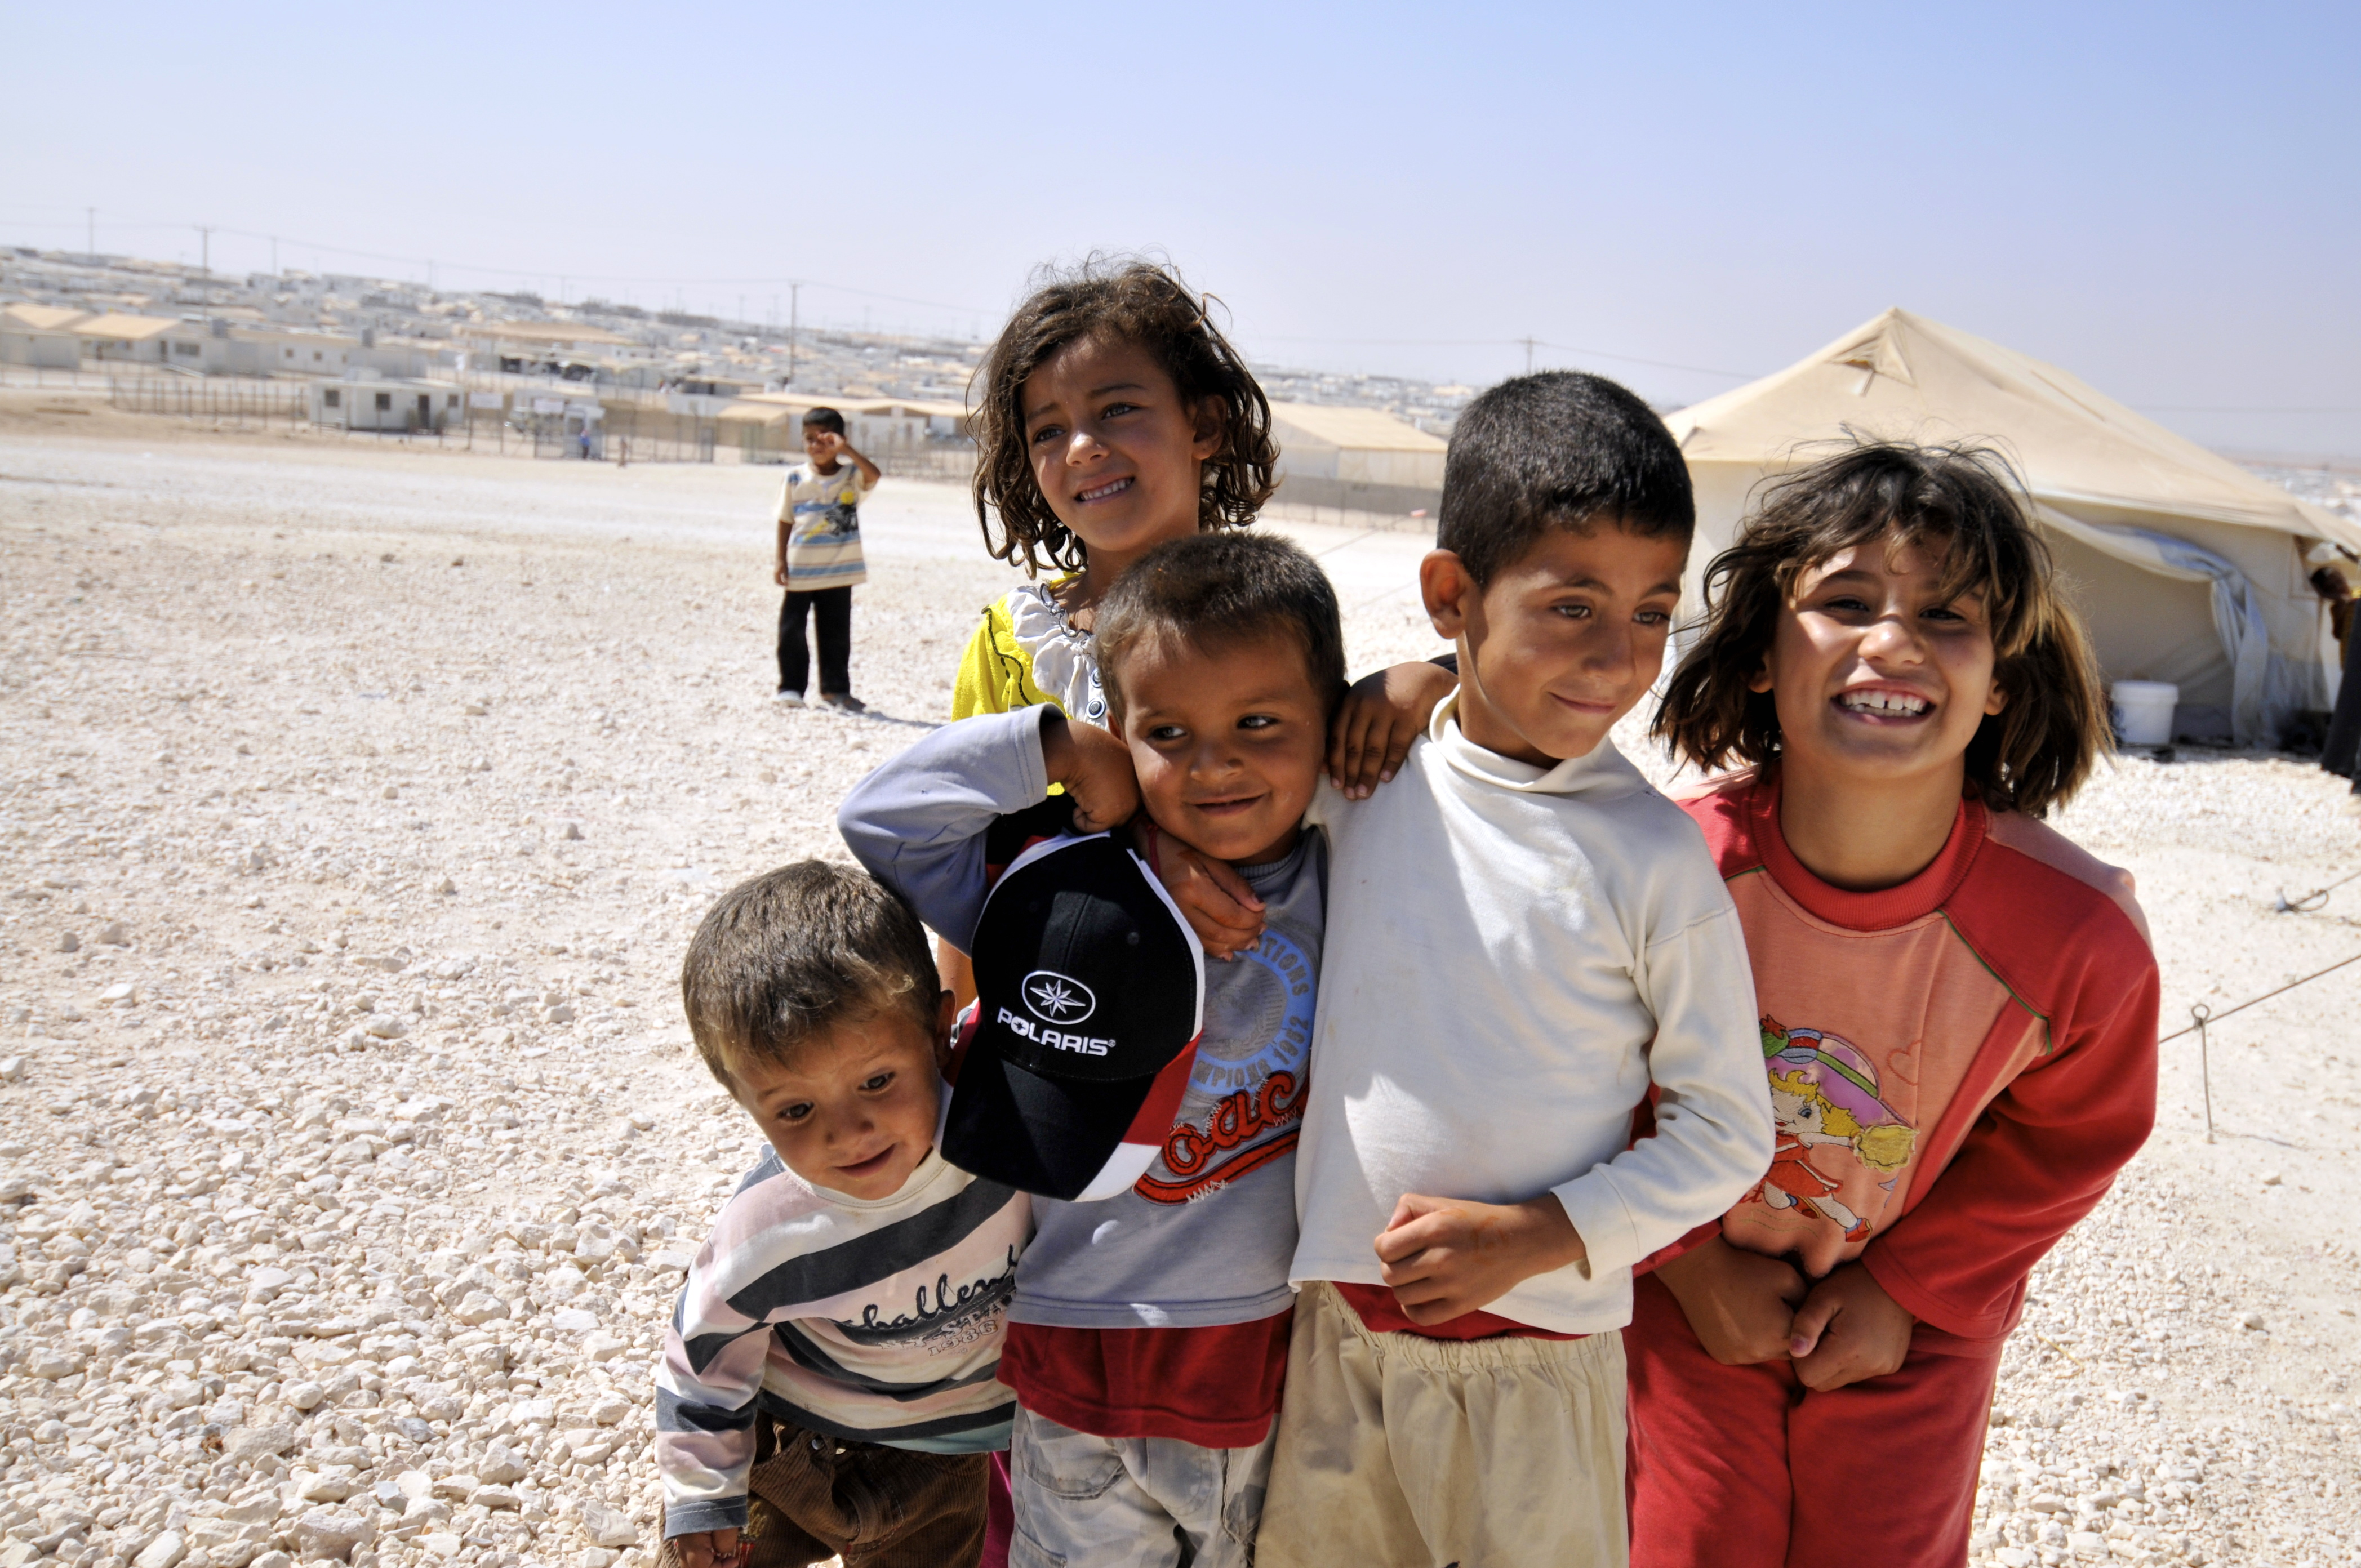 Syrian refugees at Zaatari refugee camp in jordan